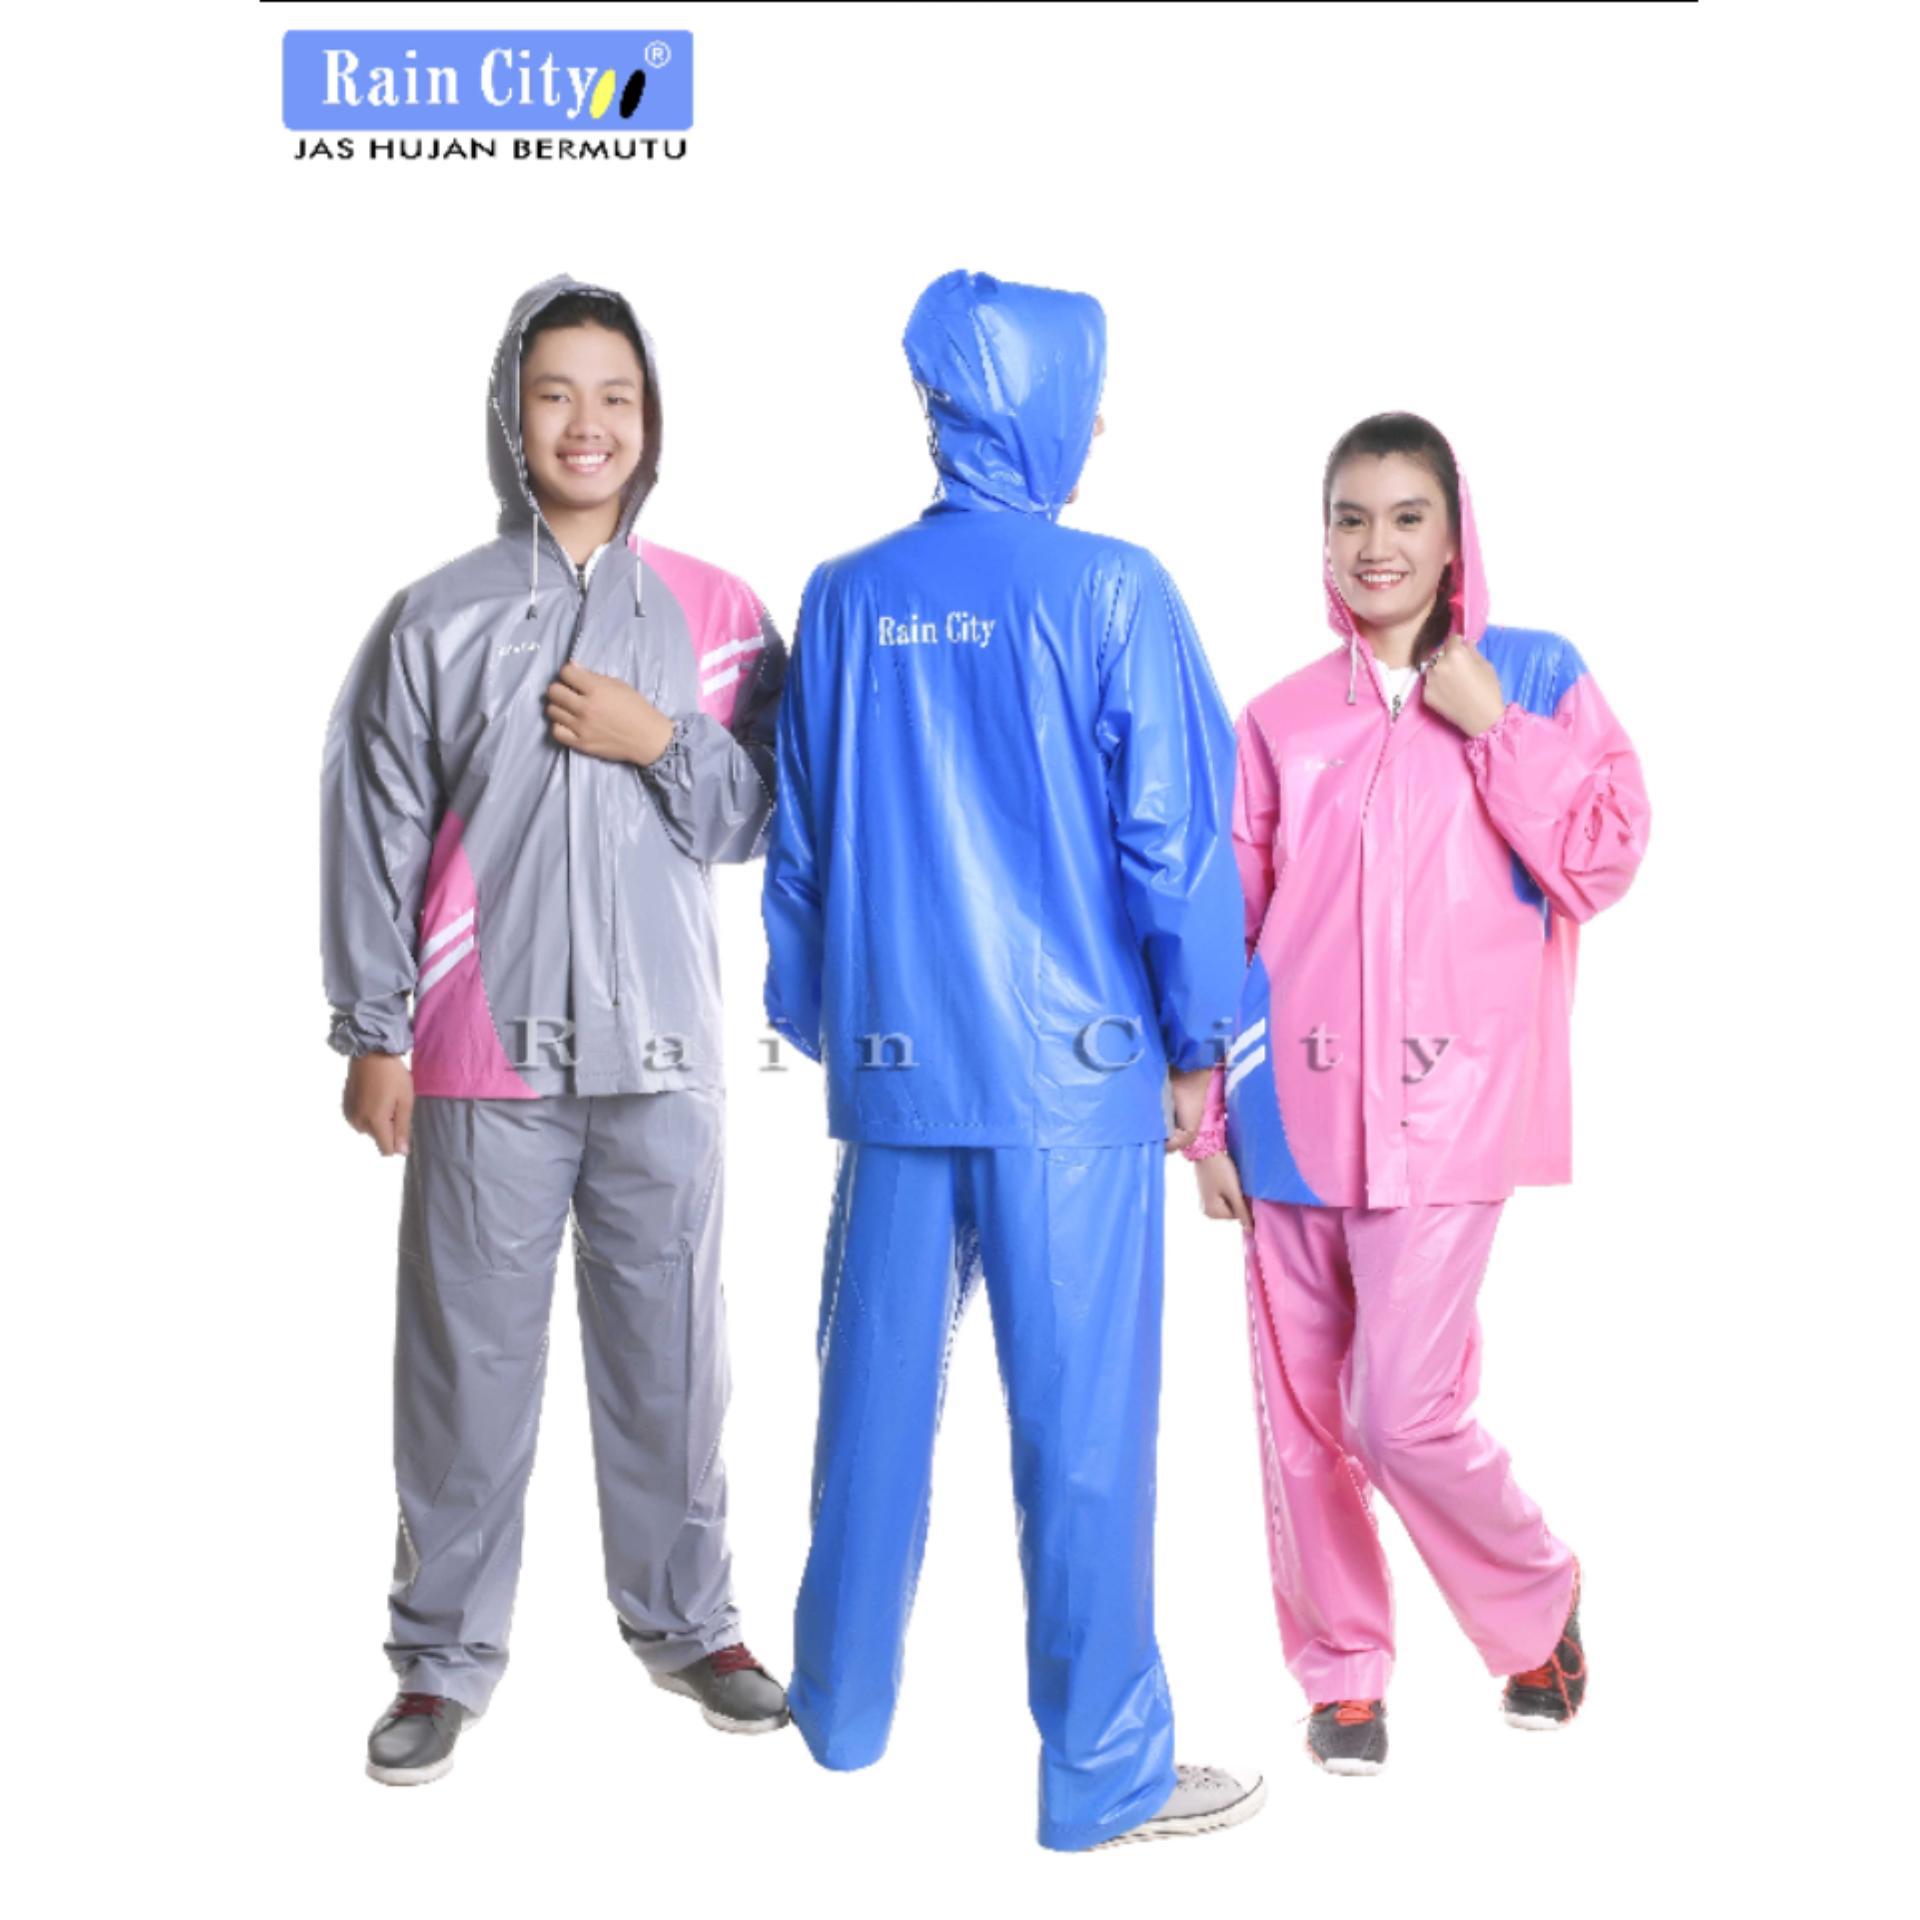 Jual Jas Hujan Raincity Murah Garansi Dan Berkualitas Id Store Rain City 69132 Setelan Batik Sekar Stelan Jaket Motor Karet Basic Duo 69114idr72900 Rp 74500